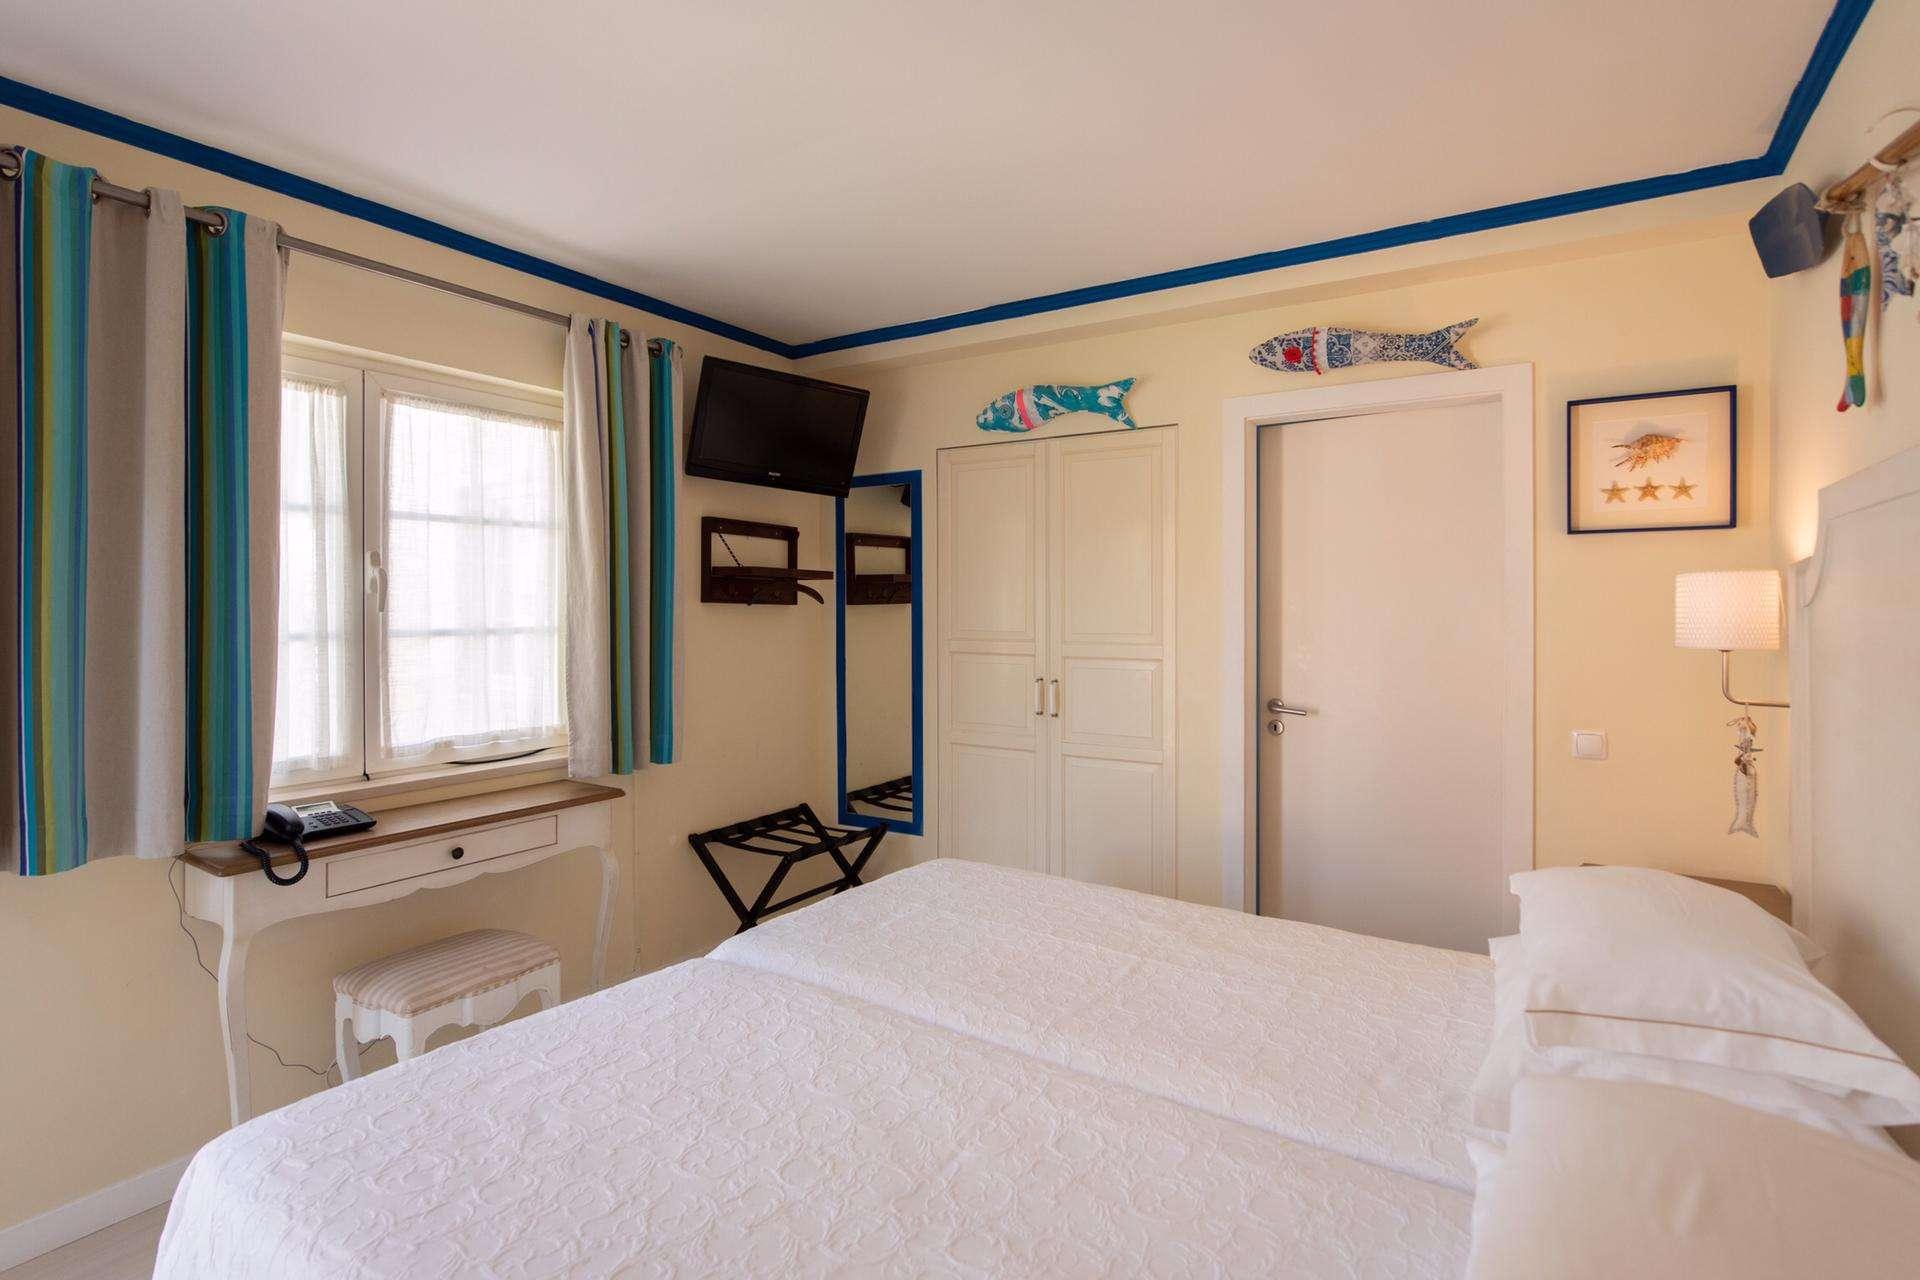 Maison normal 6 pièces, Cascais